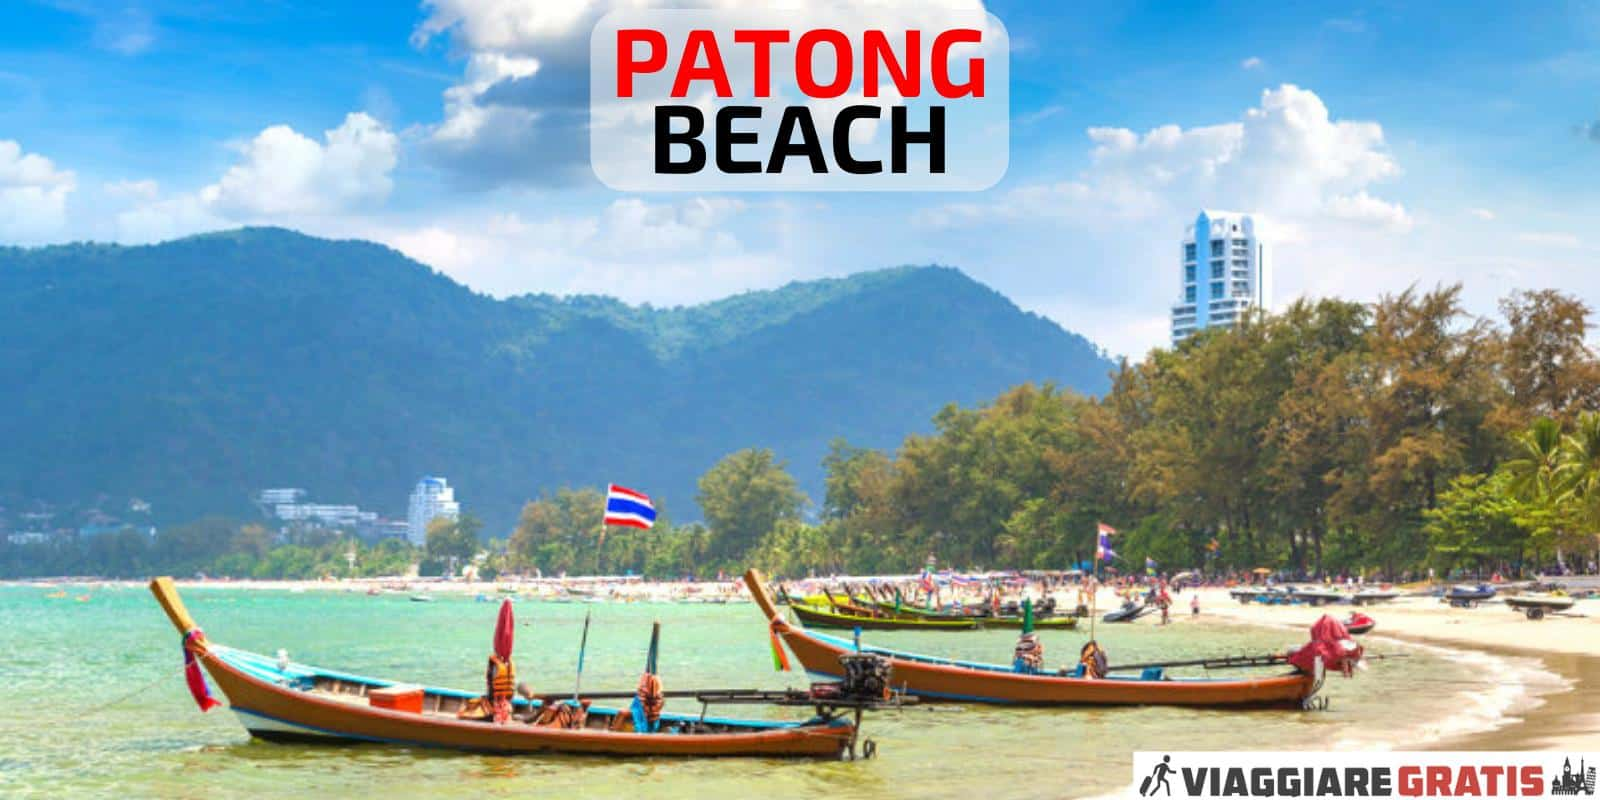 Patong Beach Phuket Thailandia